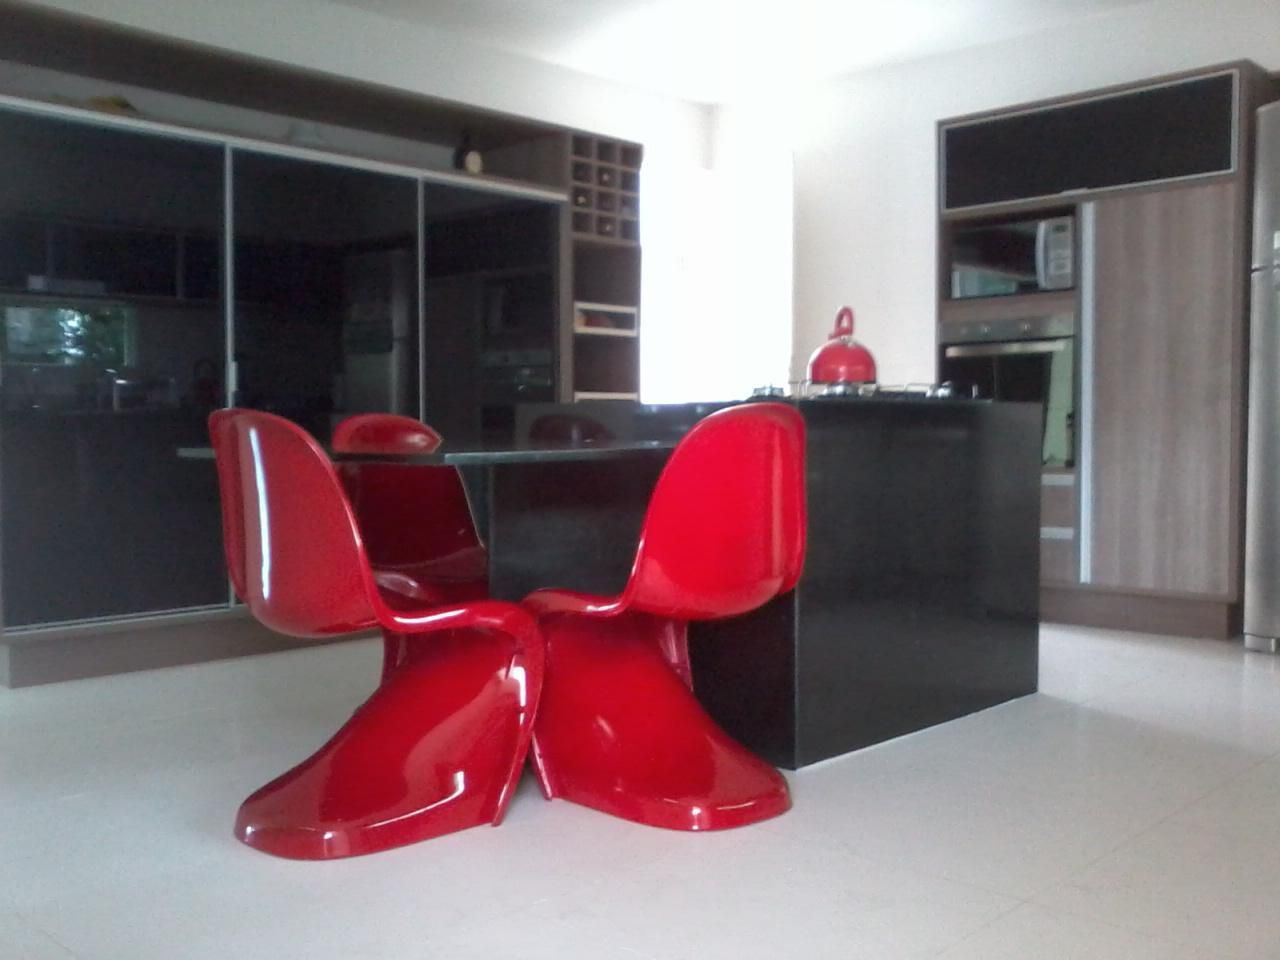 Cadeira Vermelha De Kalline Vieira Da Costa 52367 No Viva Decora